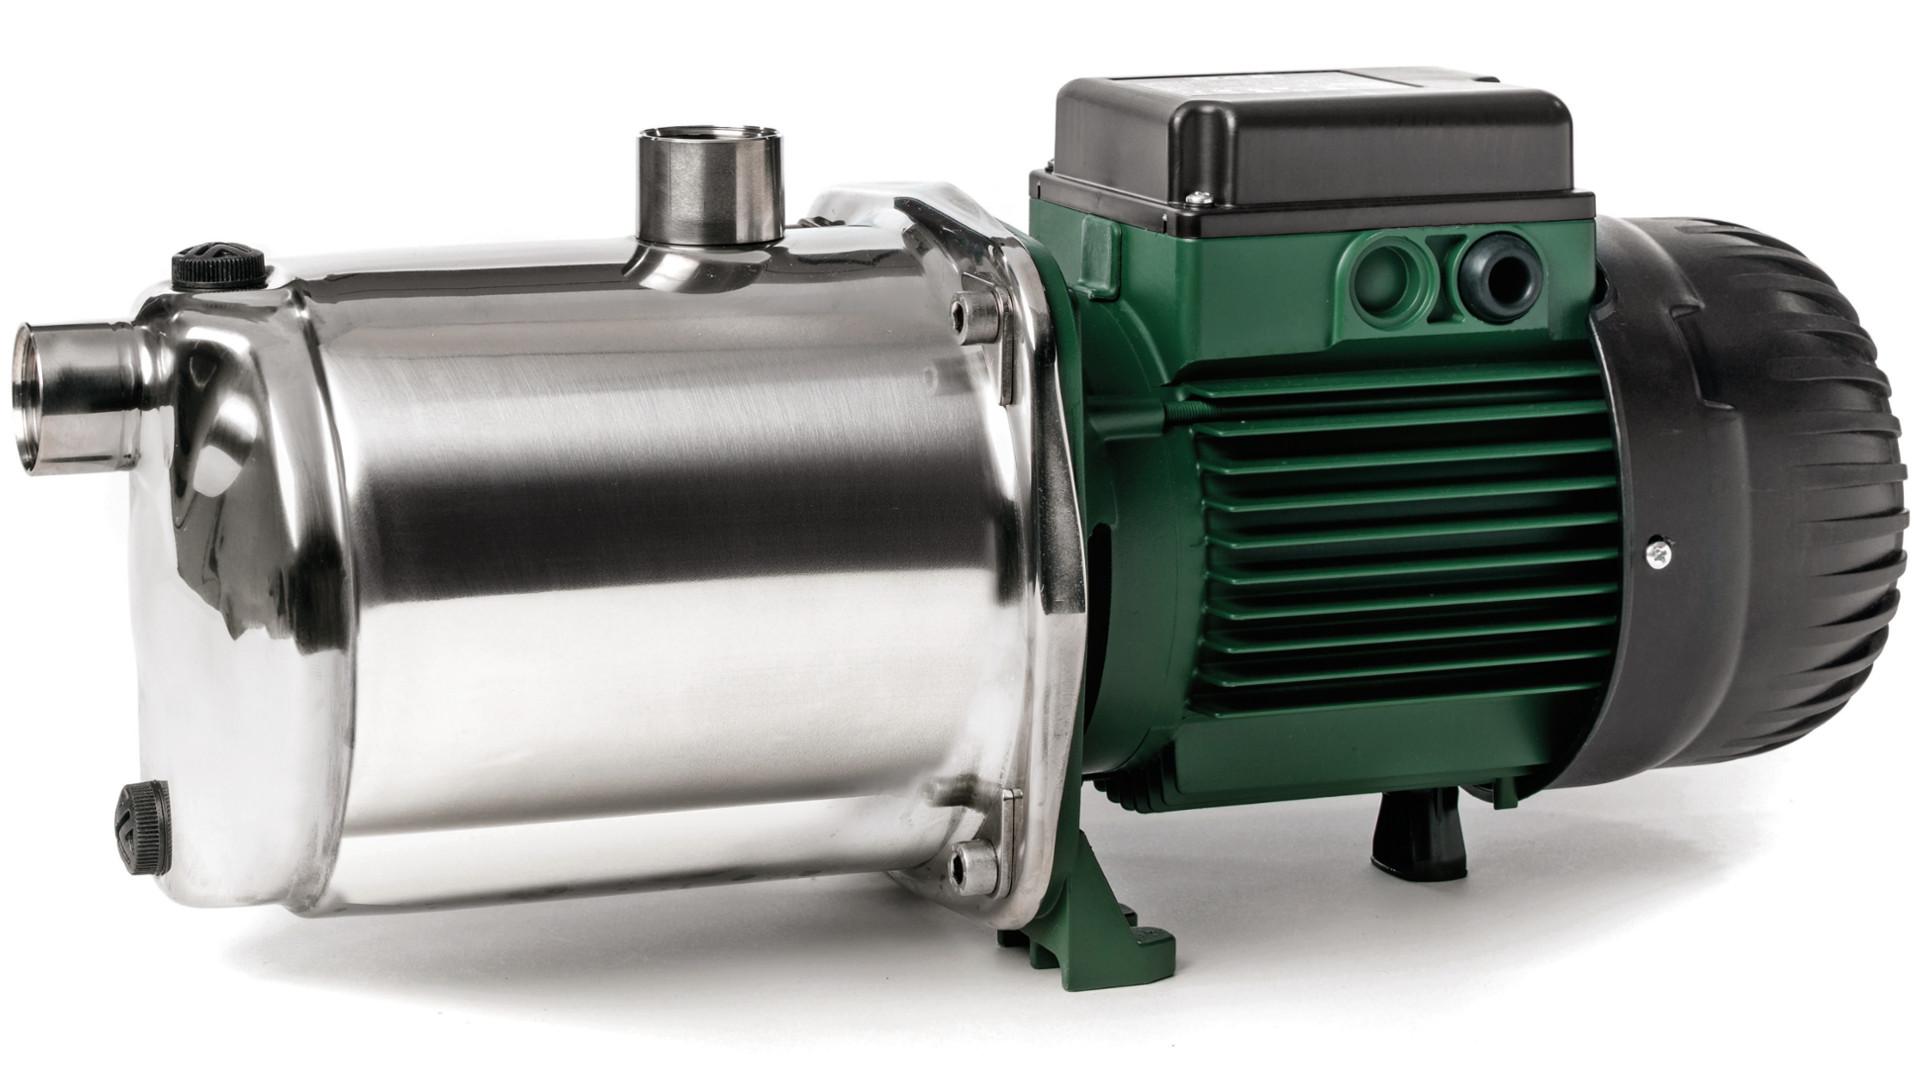 EUROINOX 30/30 M DAB Elettropompa Centrifuga Autoadescante 0.6 HP 230V